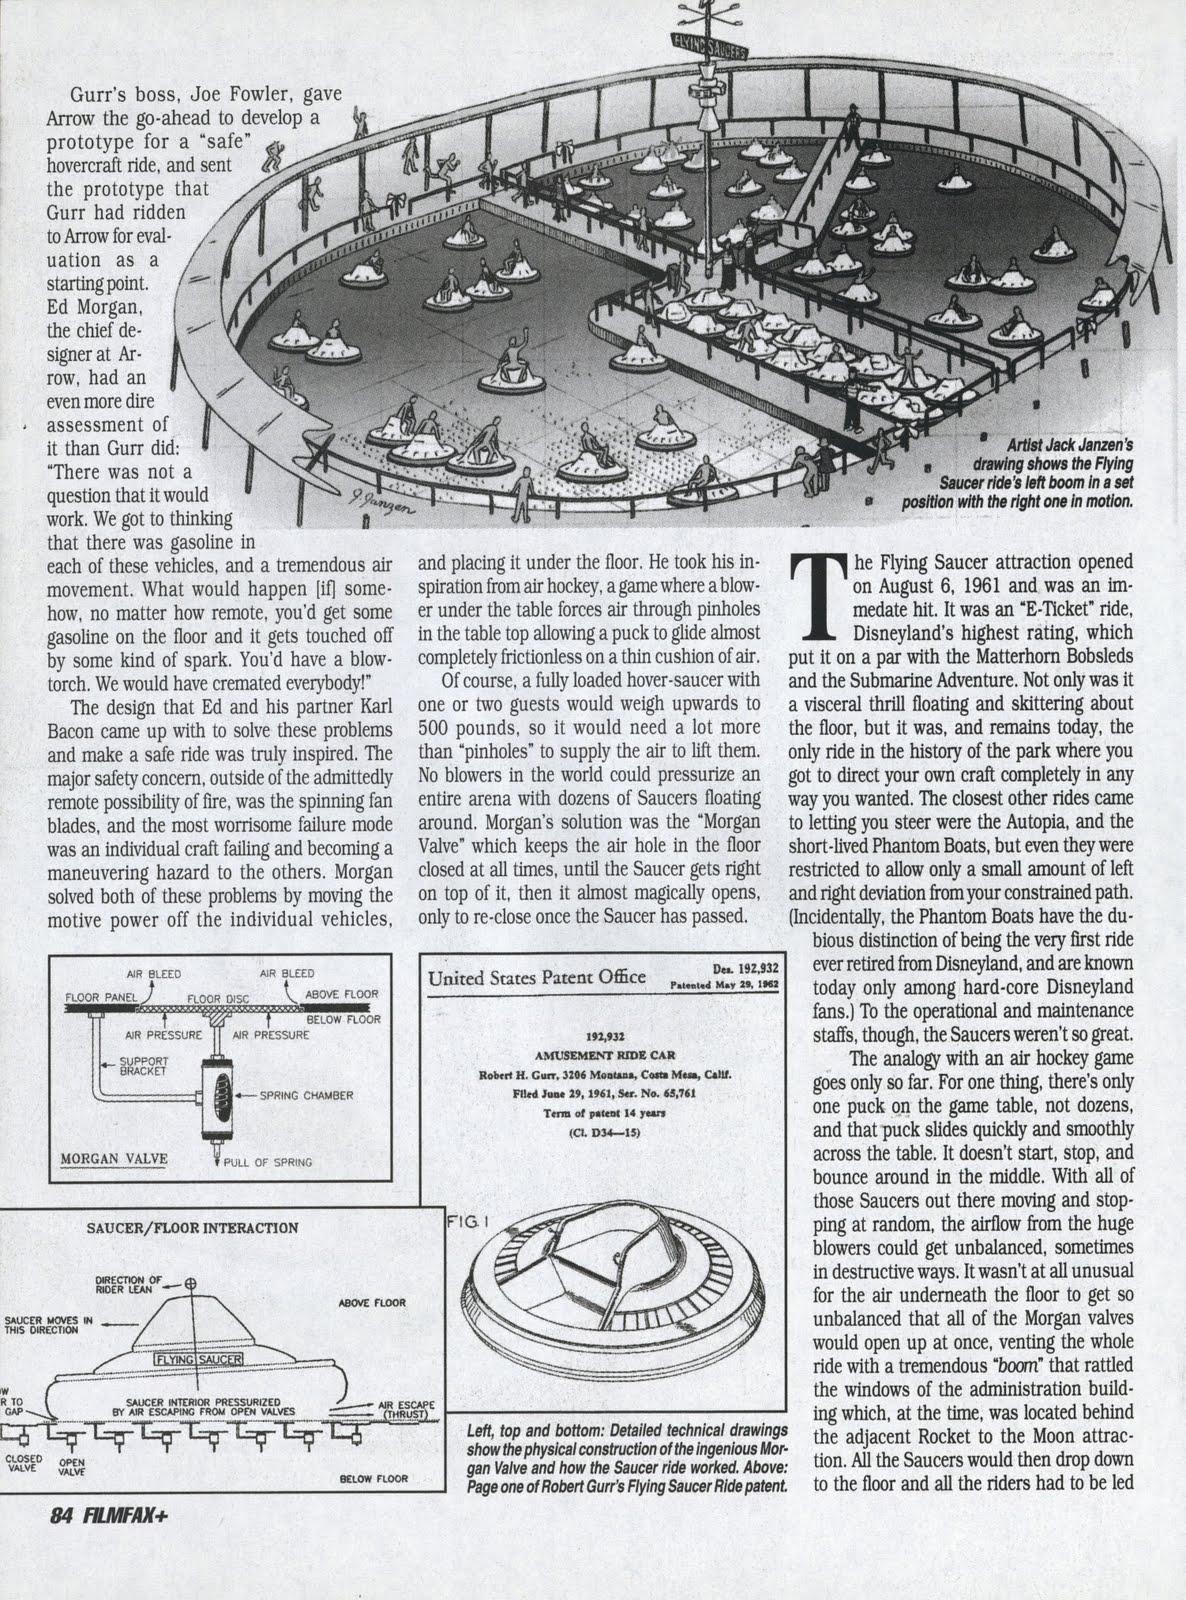 Vintage Disneyland Tickets: FilmFax Plus Magazine - December